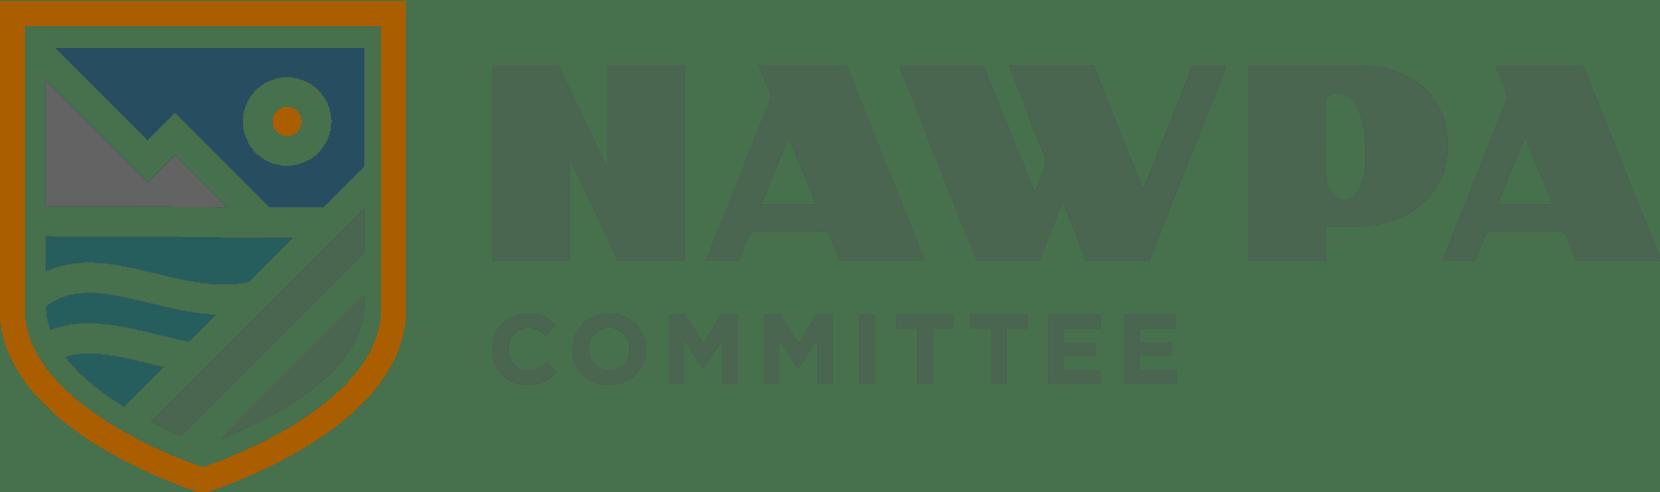 NAWPA Committee